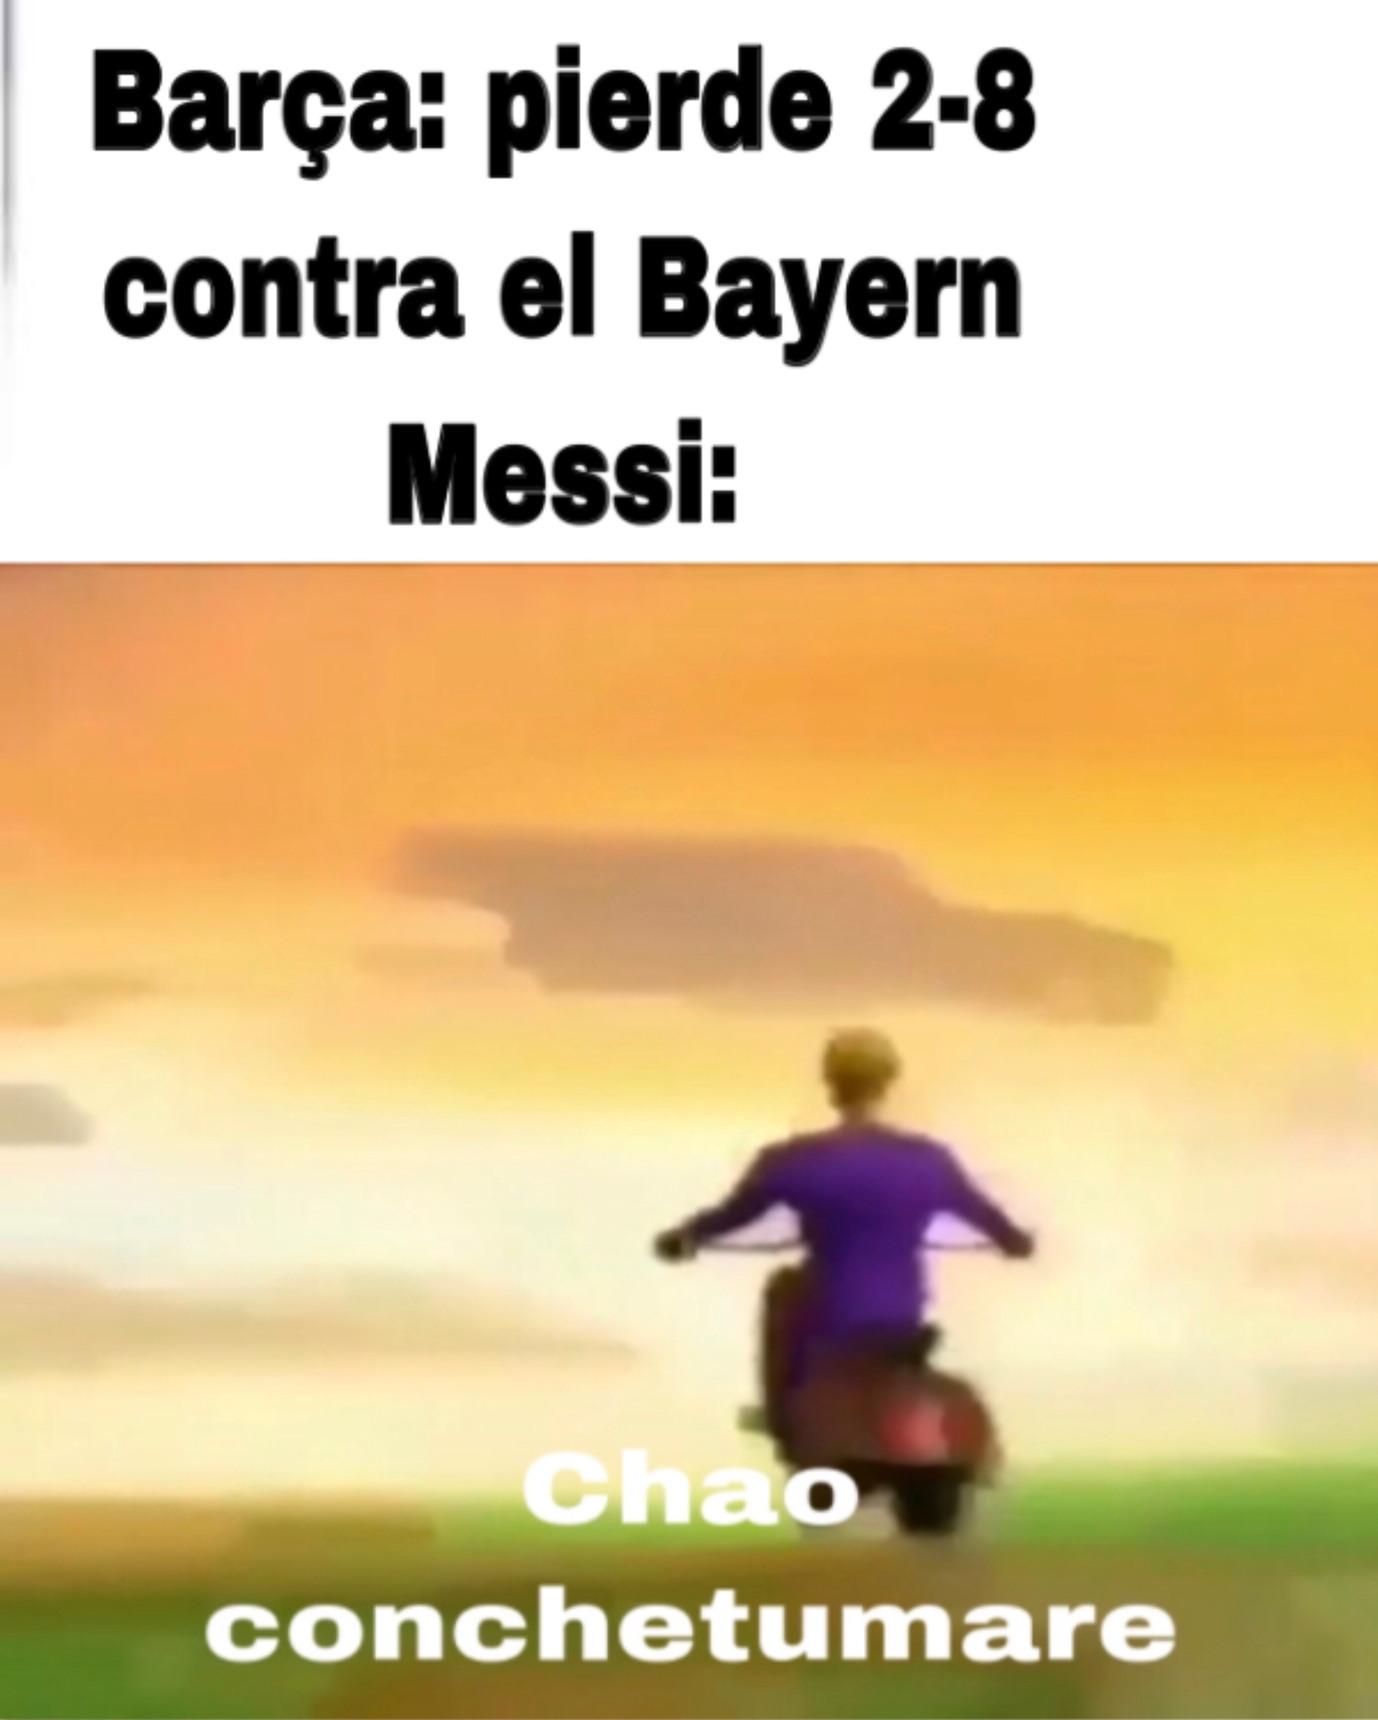 Messi se quiere ir - meme